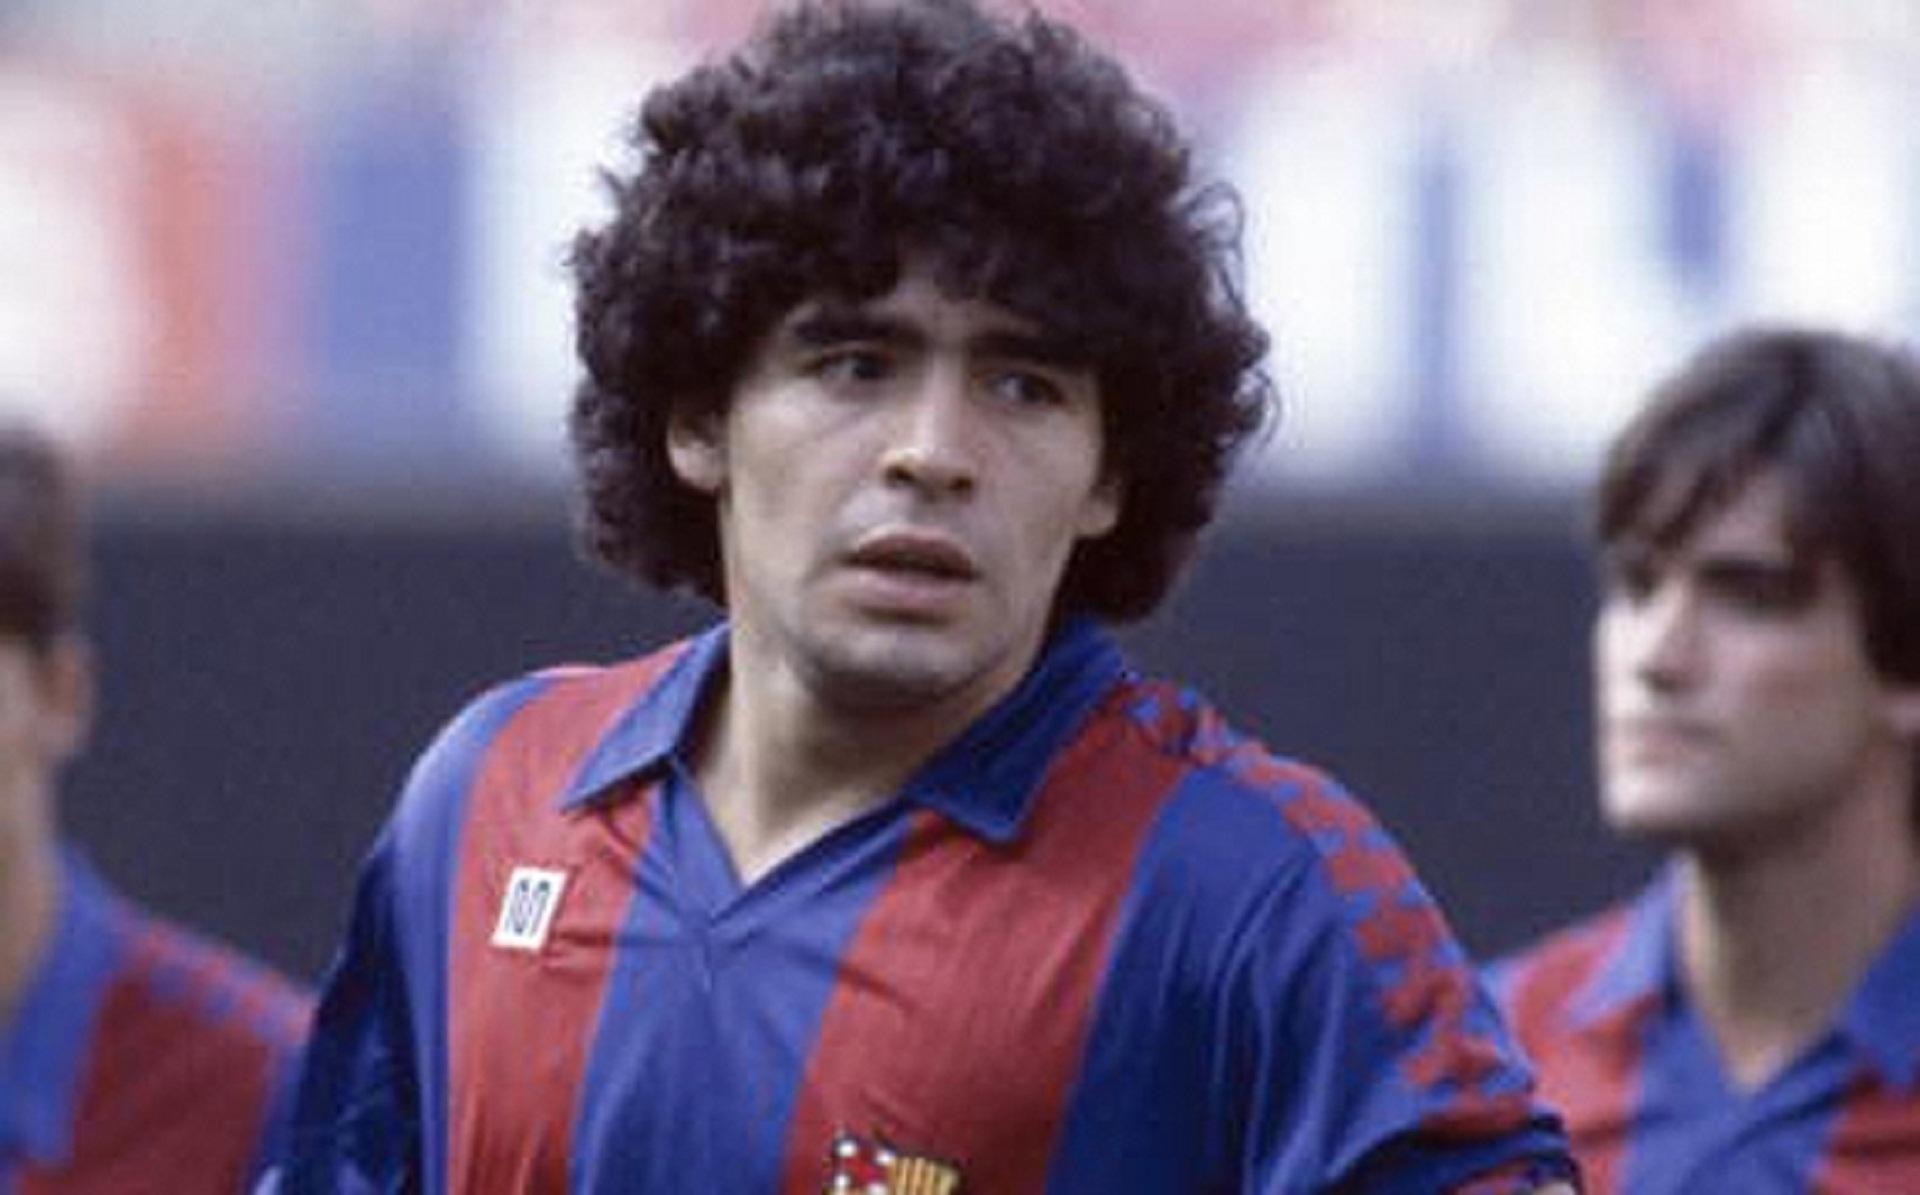 Dari Maradona Hingga Yerry Mina: Pemain Amerika Selatan Di Barcelona Dalam 35 Tahun Terakhir